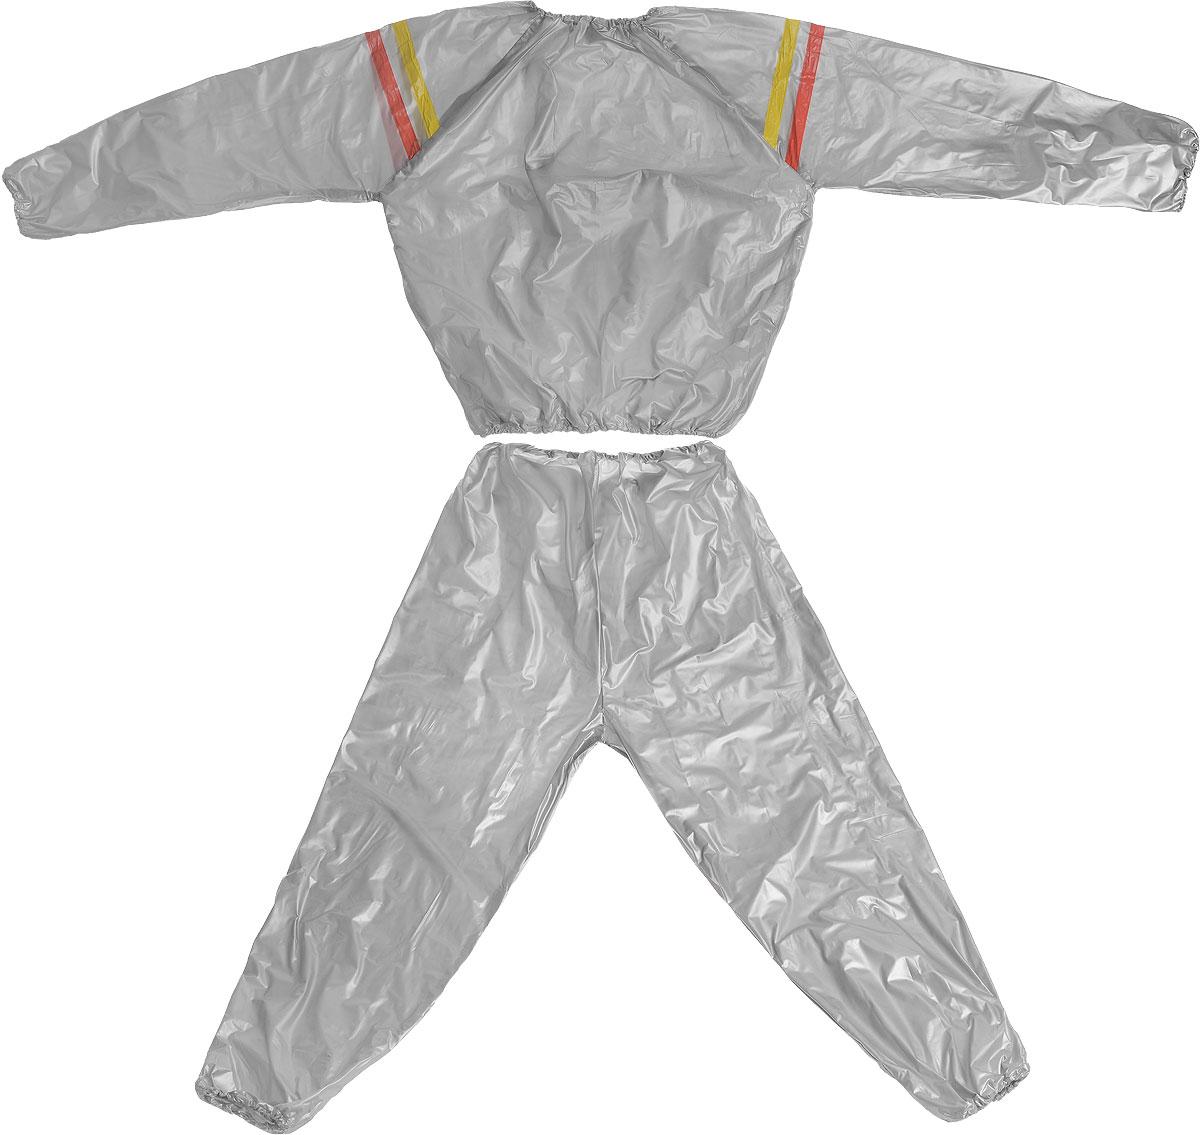 """Костюм сауна """"Ironmaster"""", цвет: серый, желтый. Размер M"""